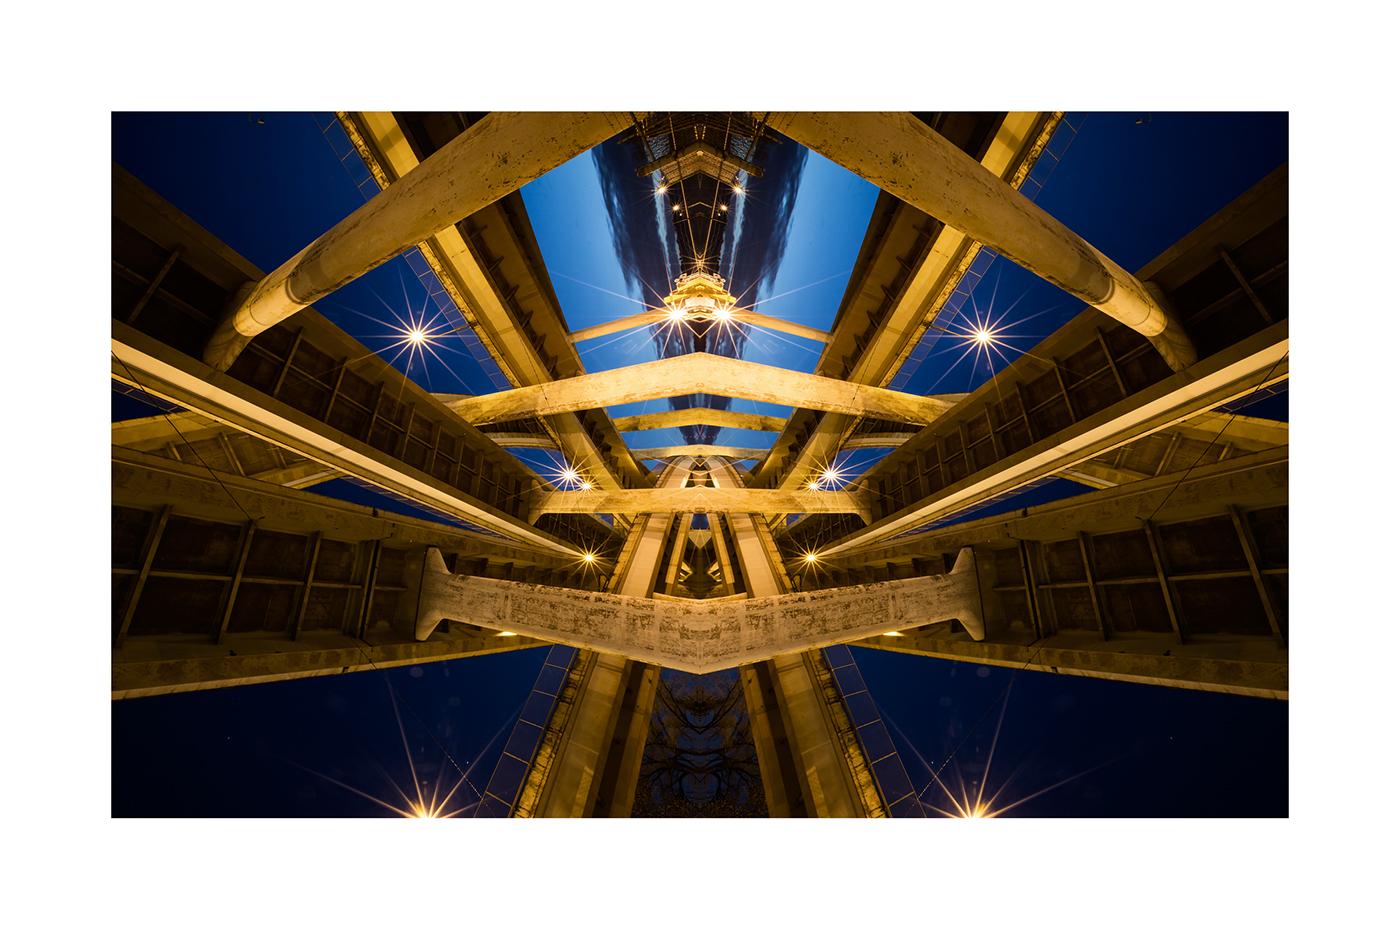 David McLaughlin Portfolio Roadschachs Portland Géométrie Symétrie Miroir Perspective